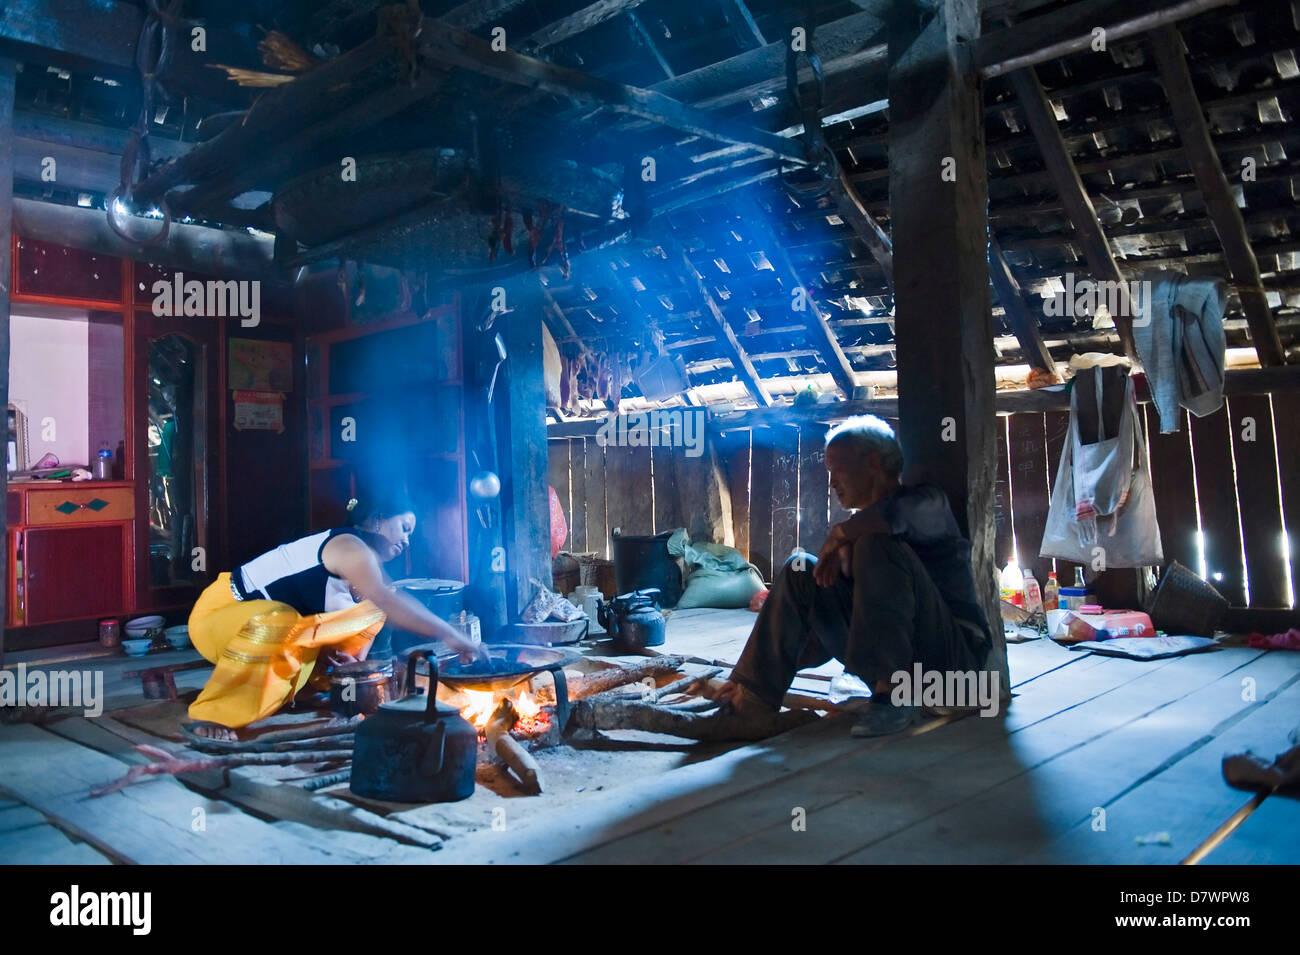 Bulang woman making tea, Wong Ji Bulang village, one of the oldest on Jingmai Mountain, western Xishuangbanna, Yunnan, - Stock Image